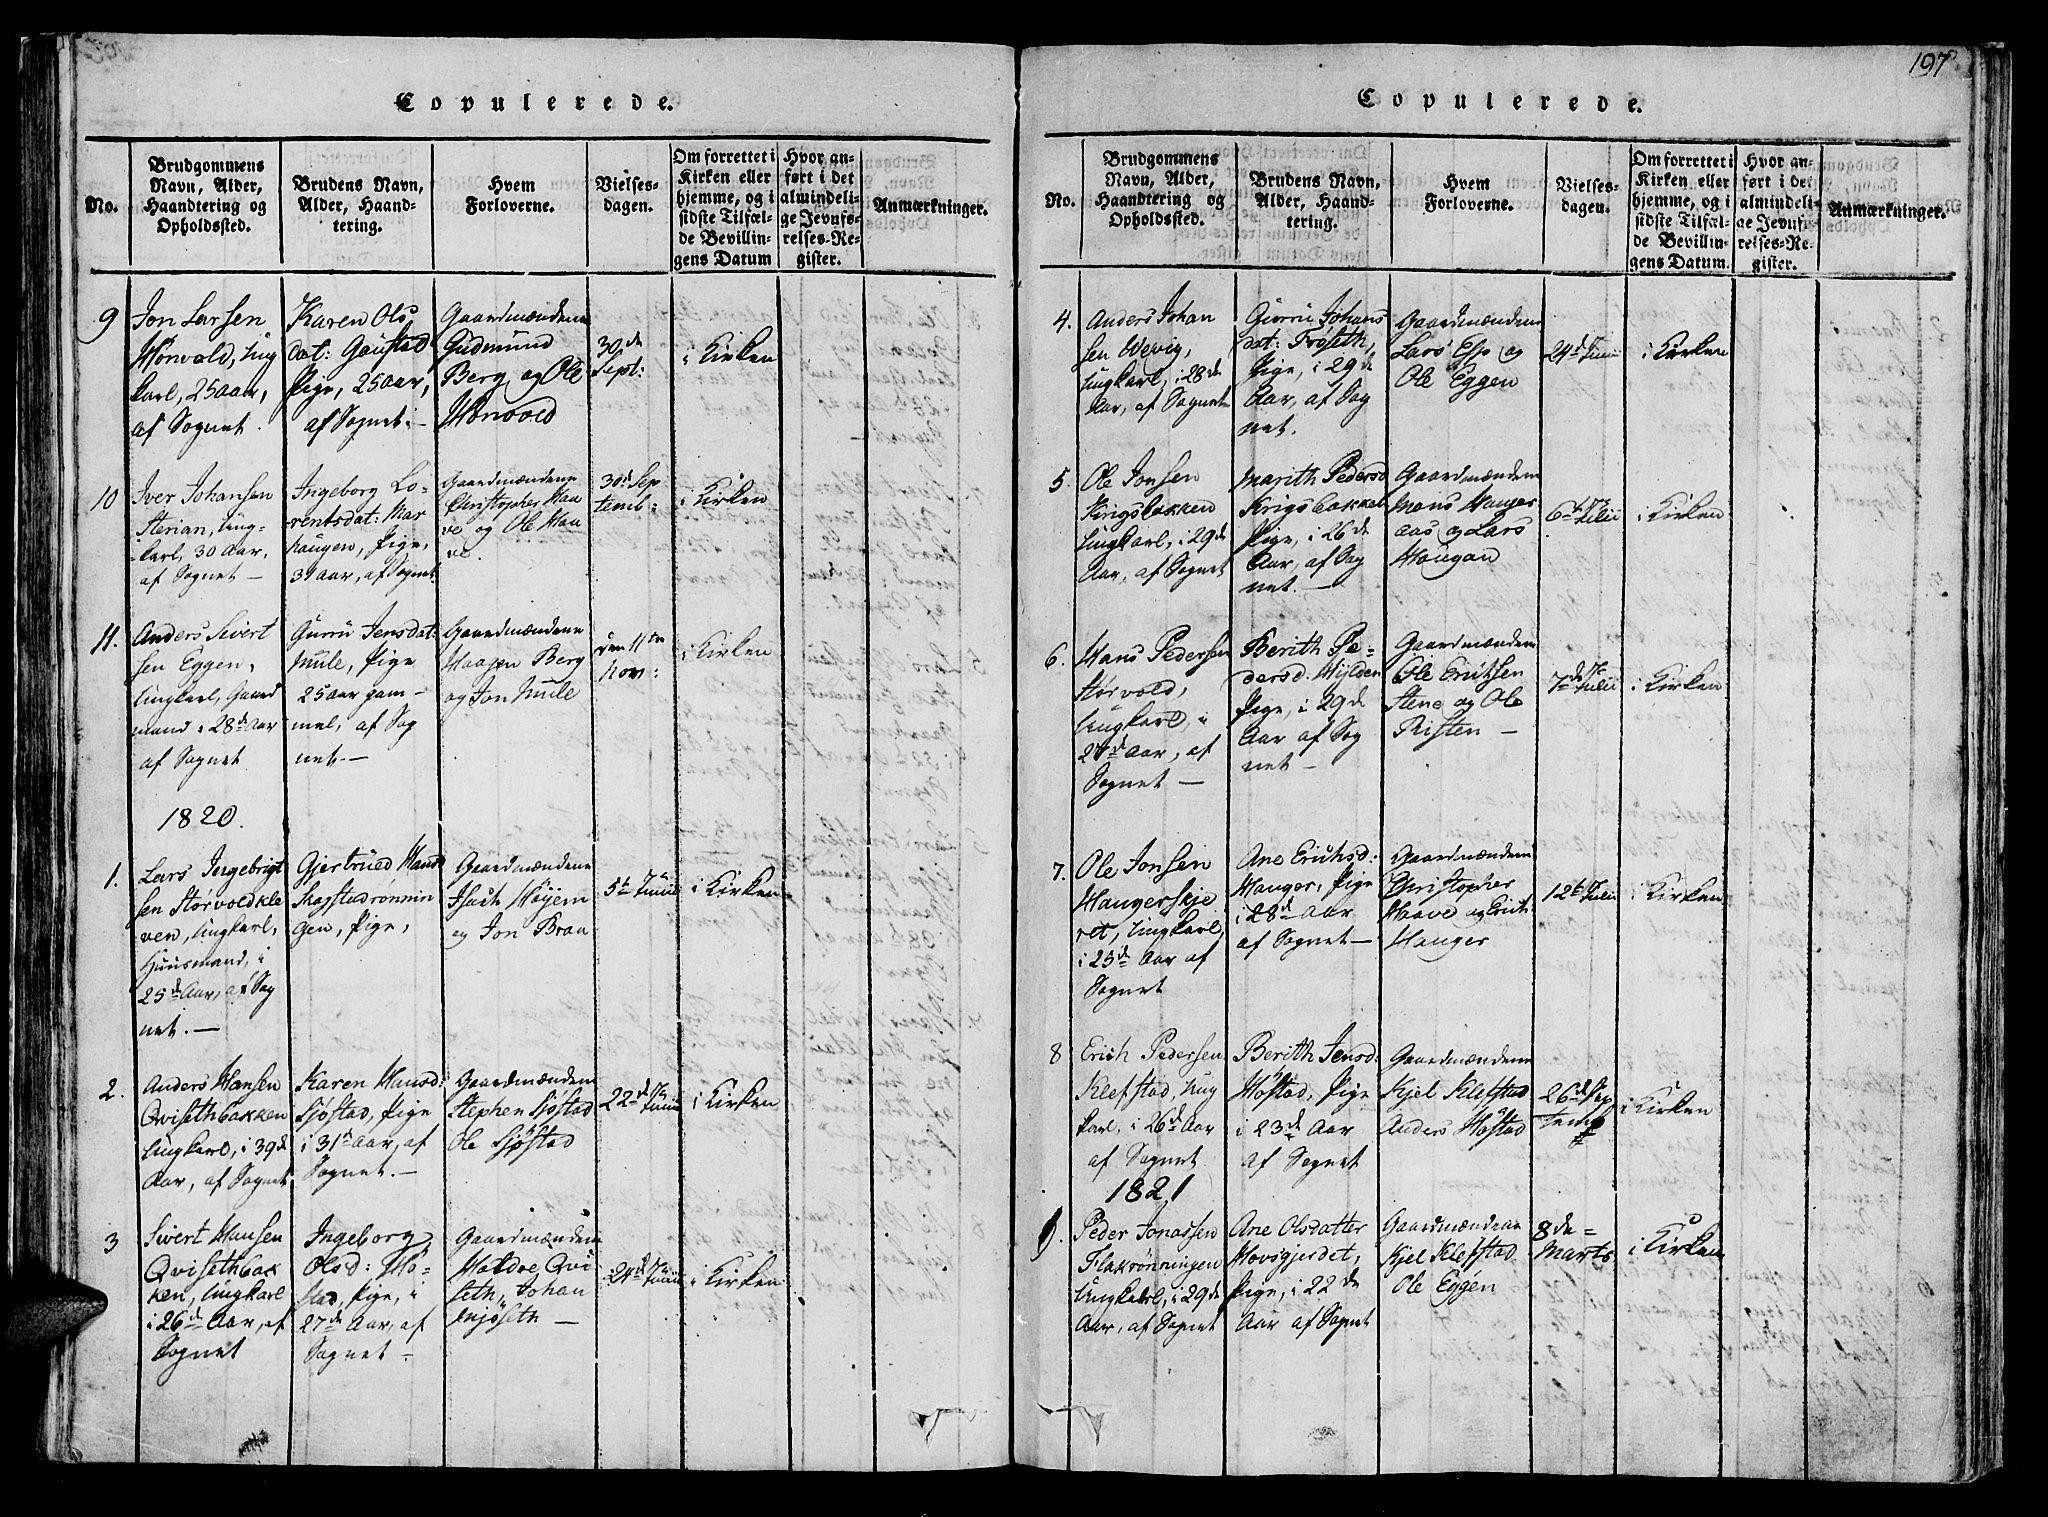 SAT, Ministerialprotokoller, klokkerbøker og fødselsregistre - Sør-Trøndelag, 612/L0372: Ministerialbok nr. 612A06 /1, 1816-1828, s. 197